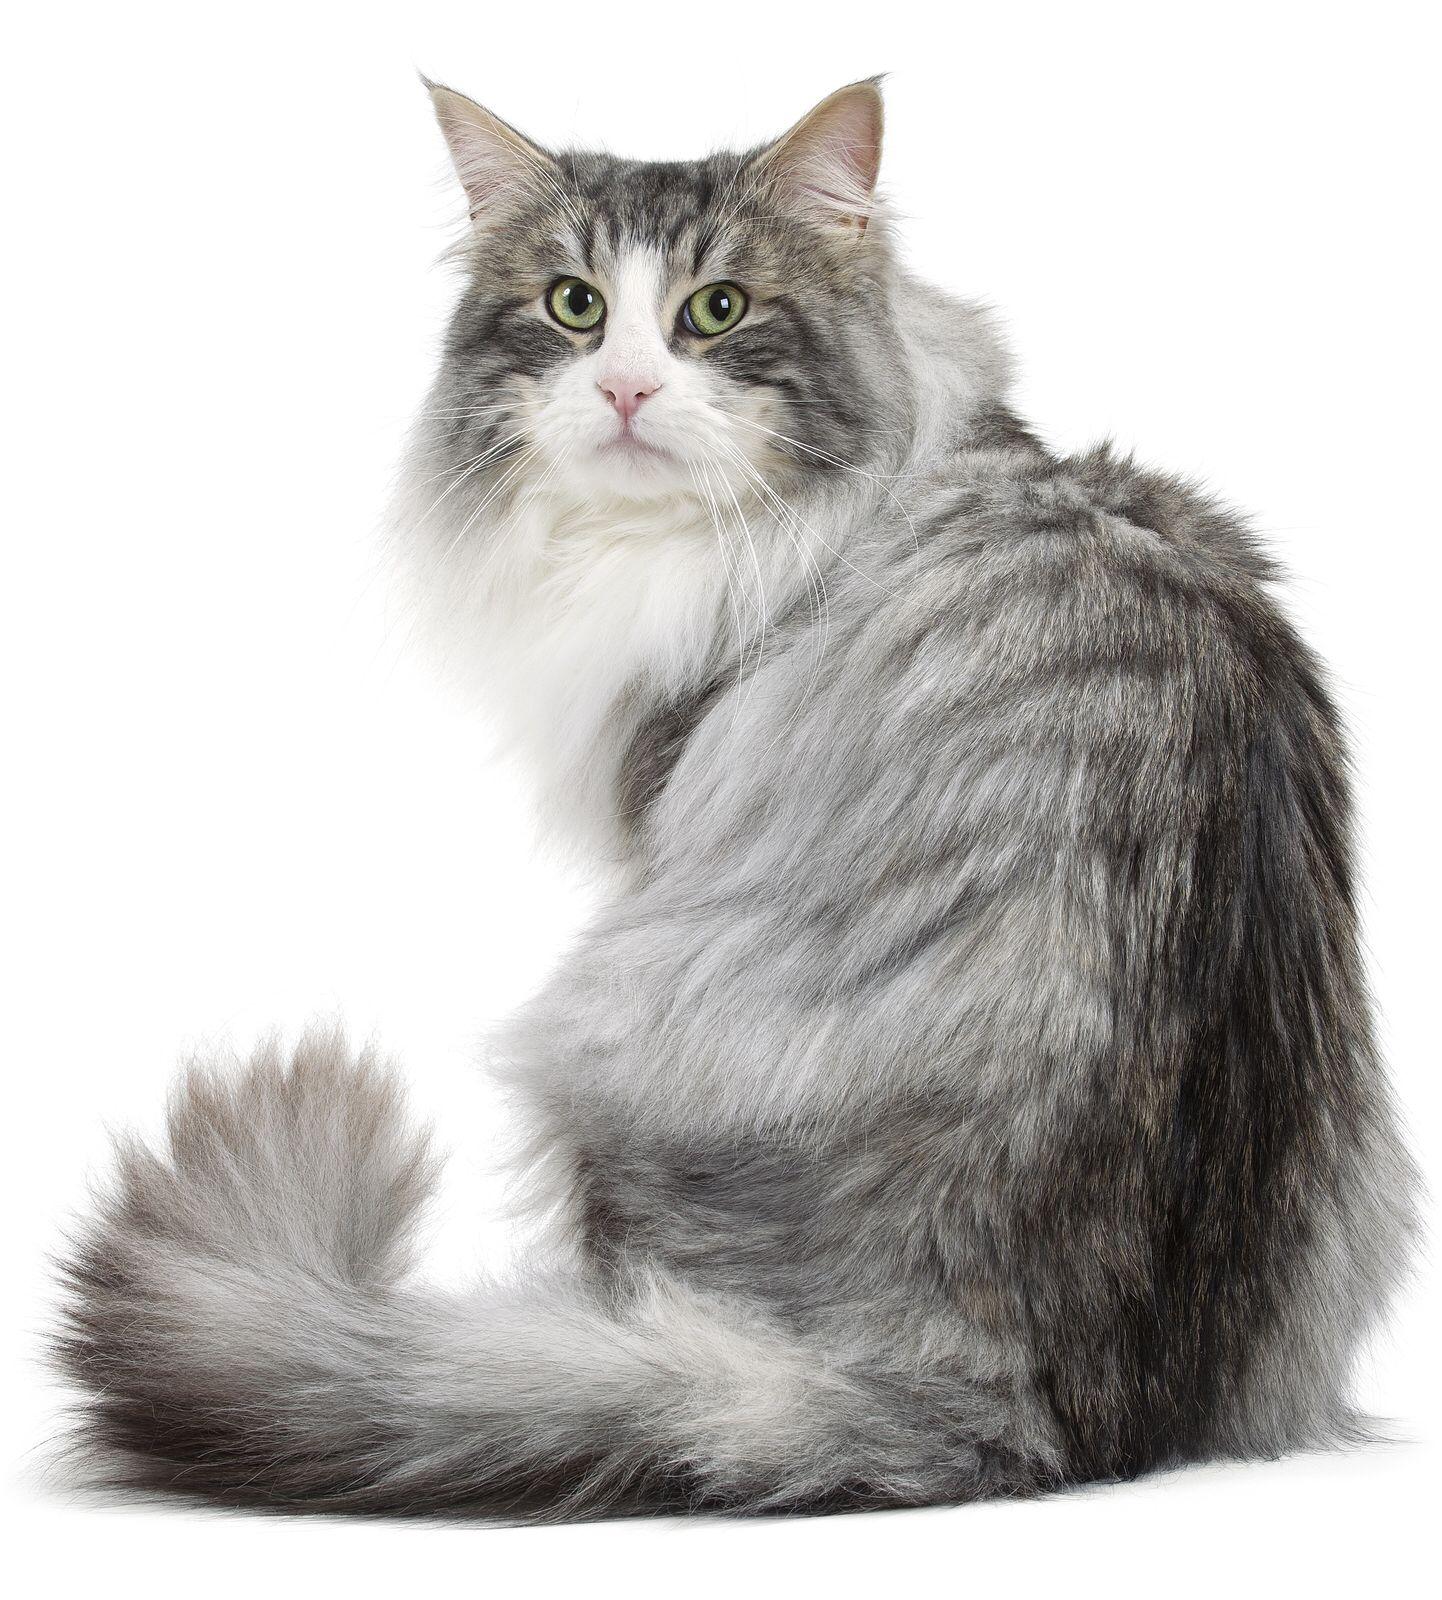 Norwegian forest cat Norwegian forest cat, Forest cat